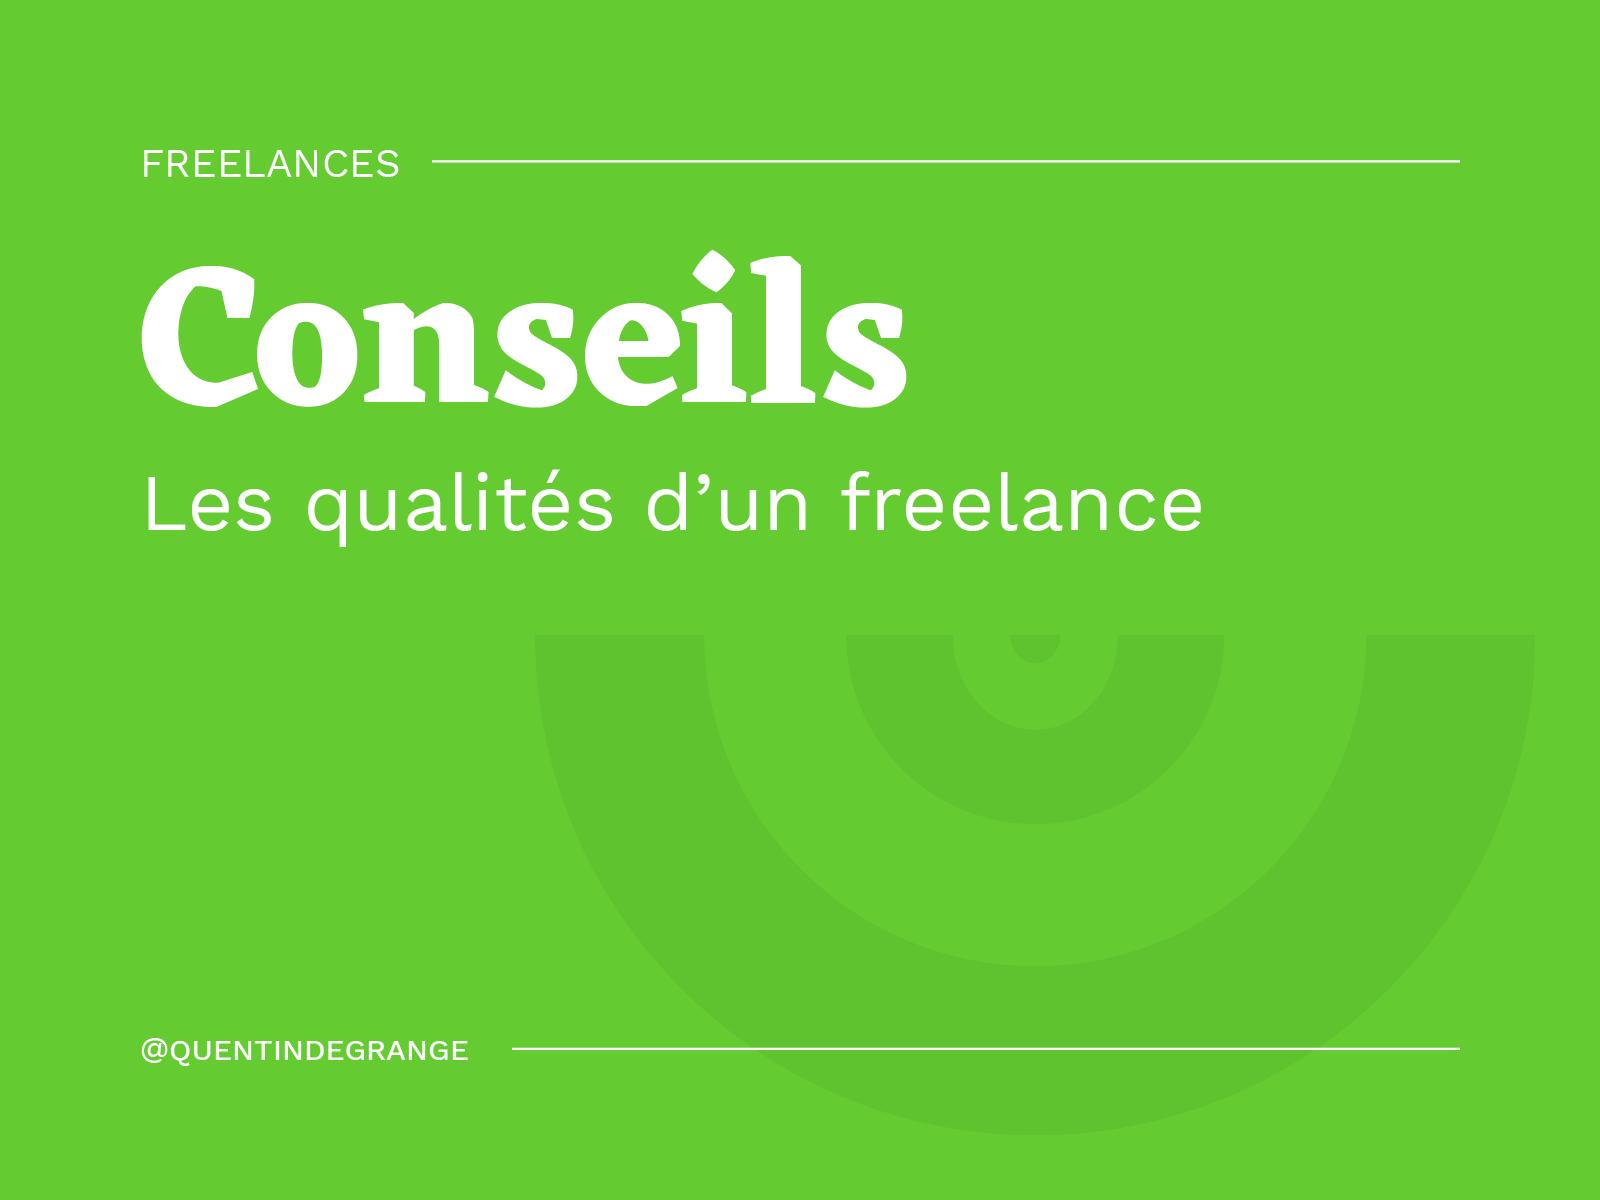 Les qualités d'un freelance